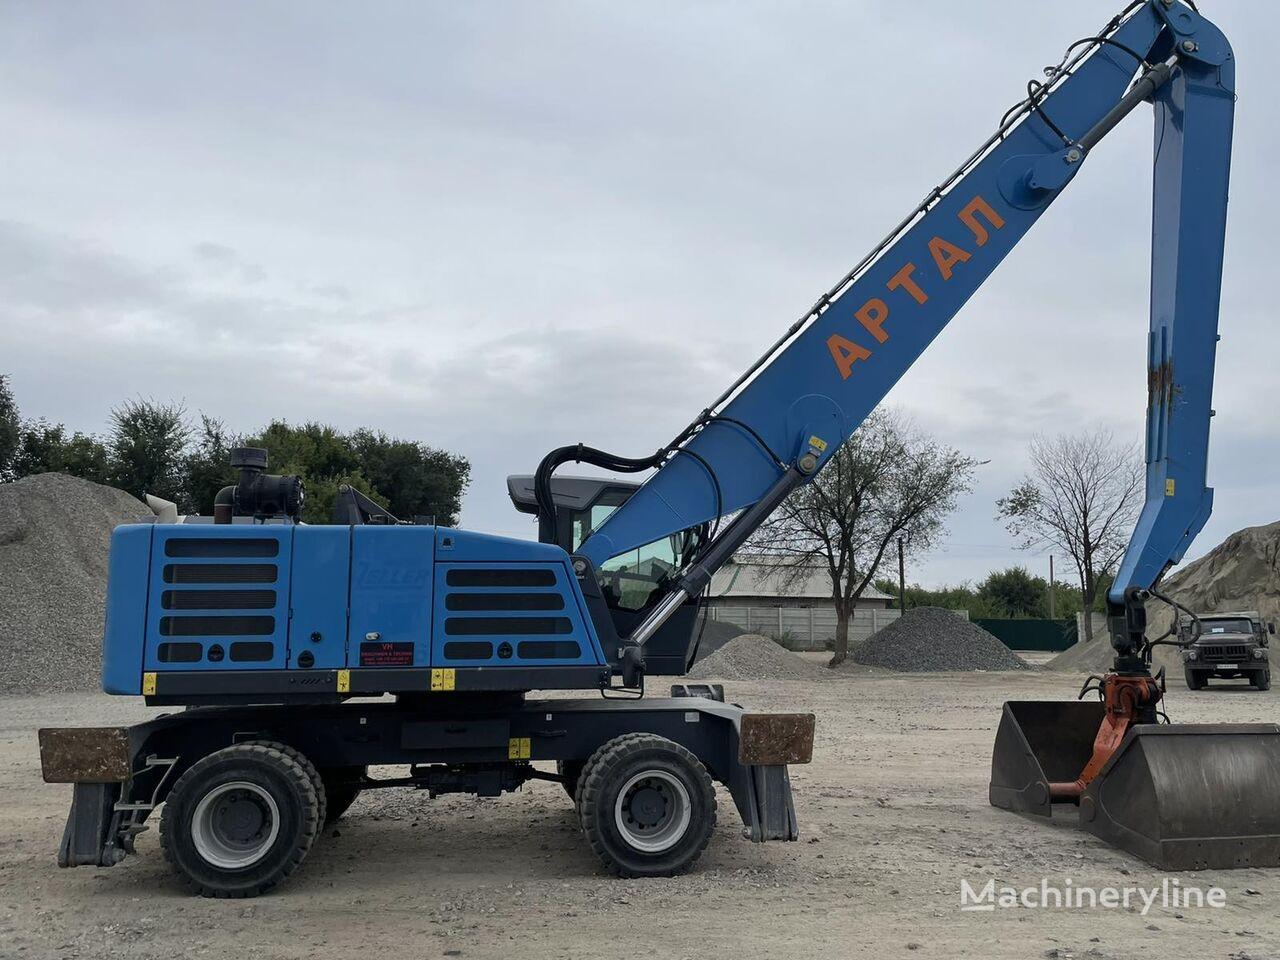 μηχάνημα διαχείρισης υλικών TEREX Fuchs MHL 350 T4f